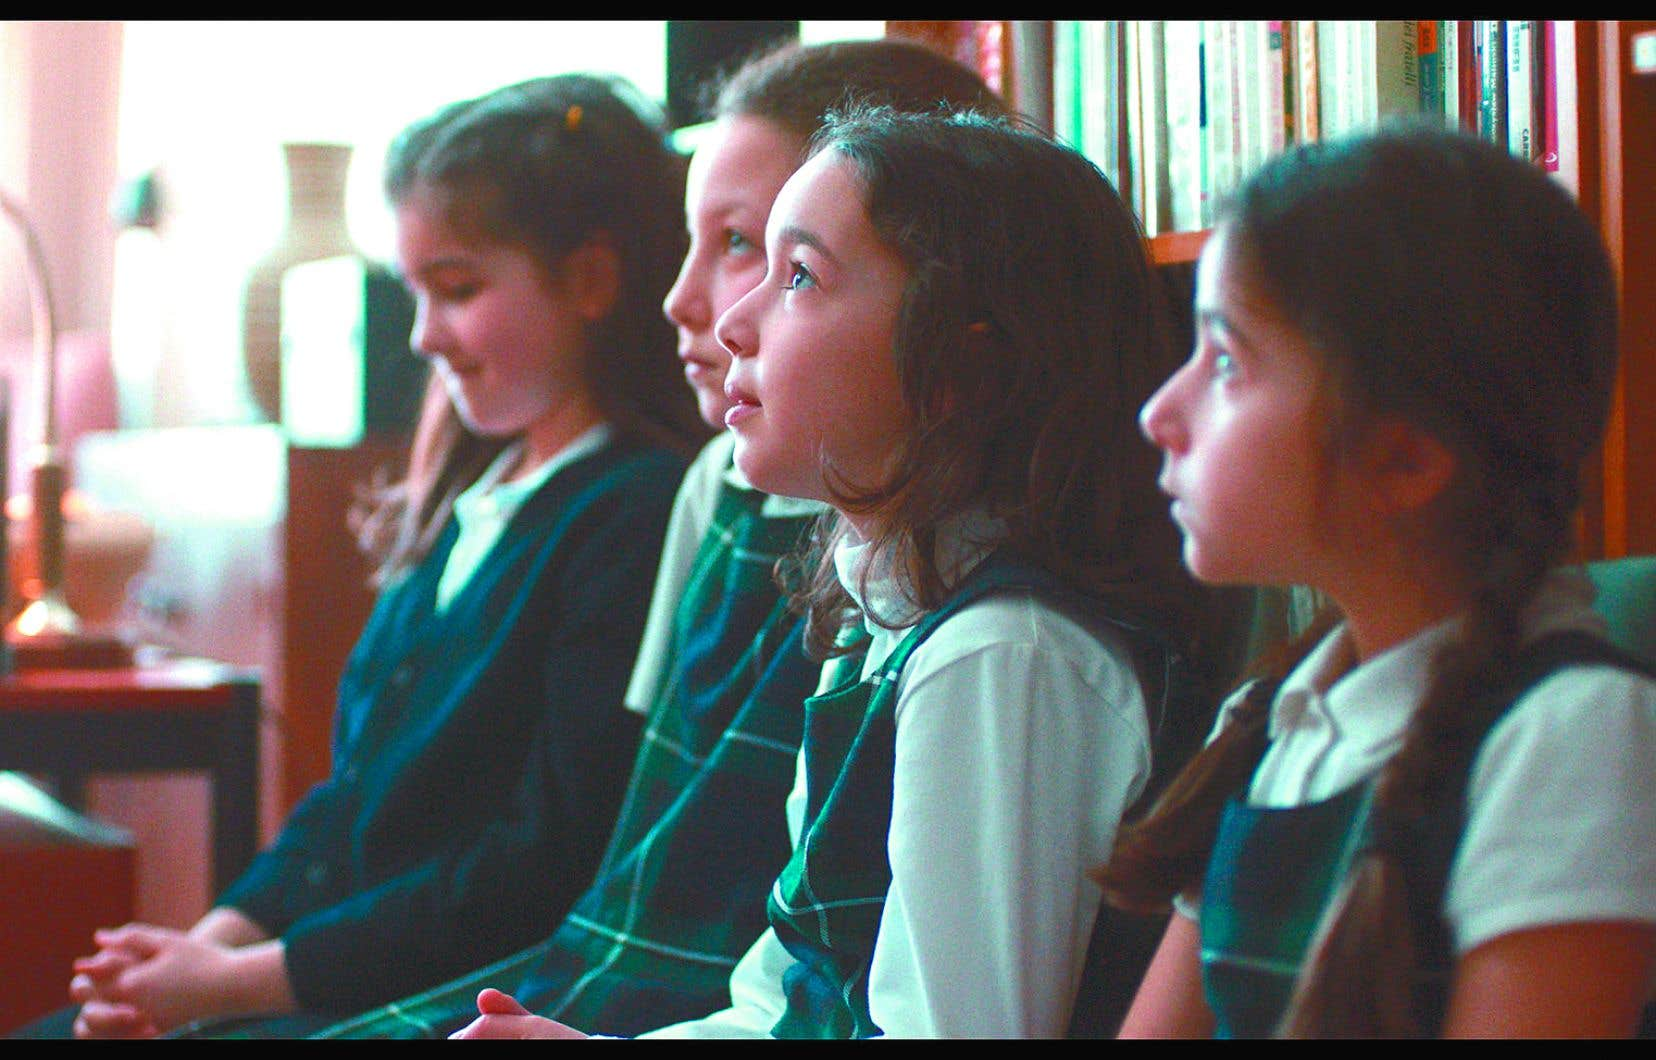 Le court métrage de la cinéaste québécoise Chloé Robichaud, «Delphine», sera présenté en première mondiale.